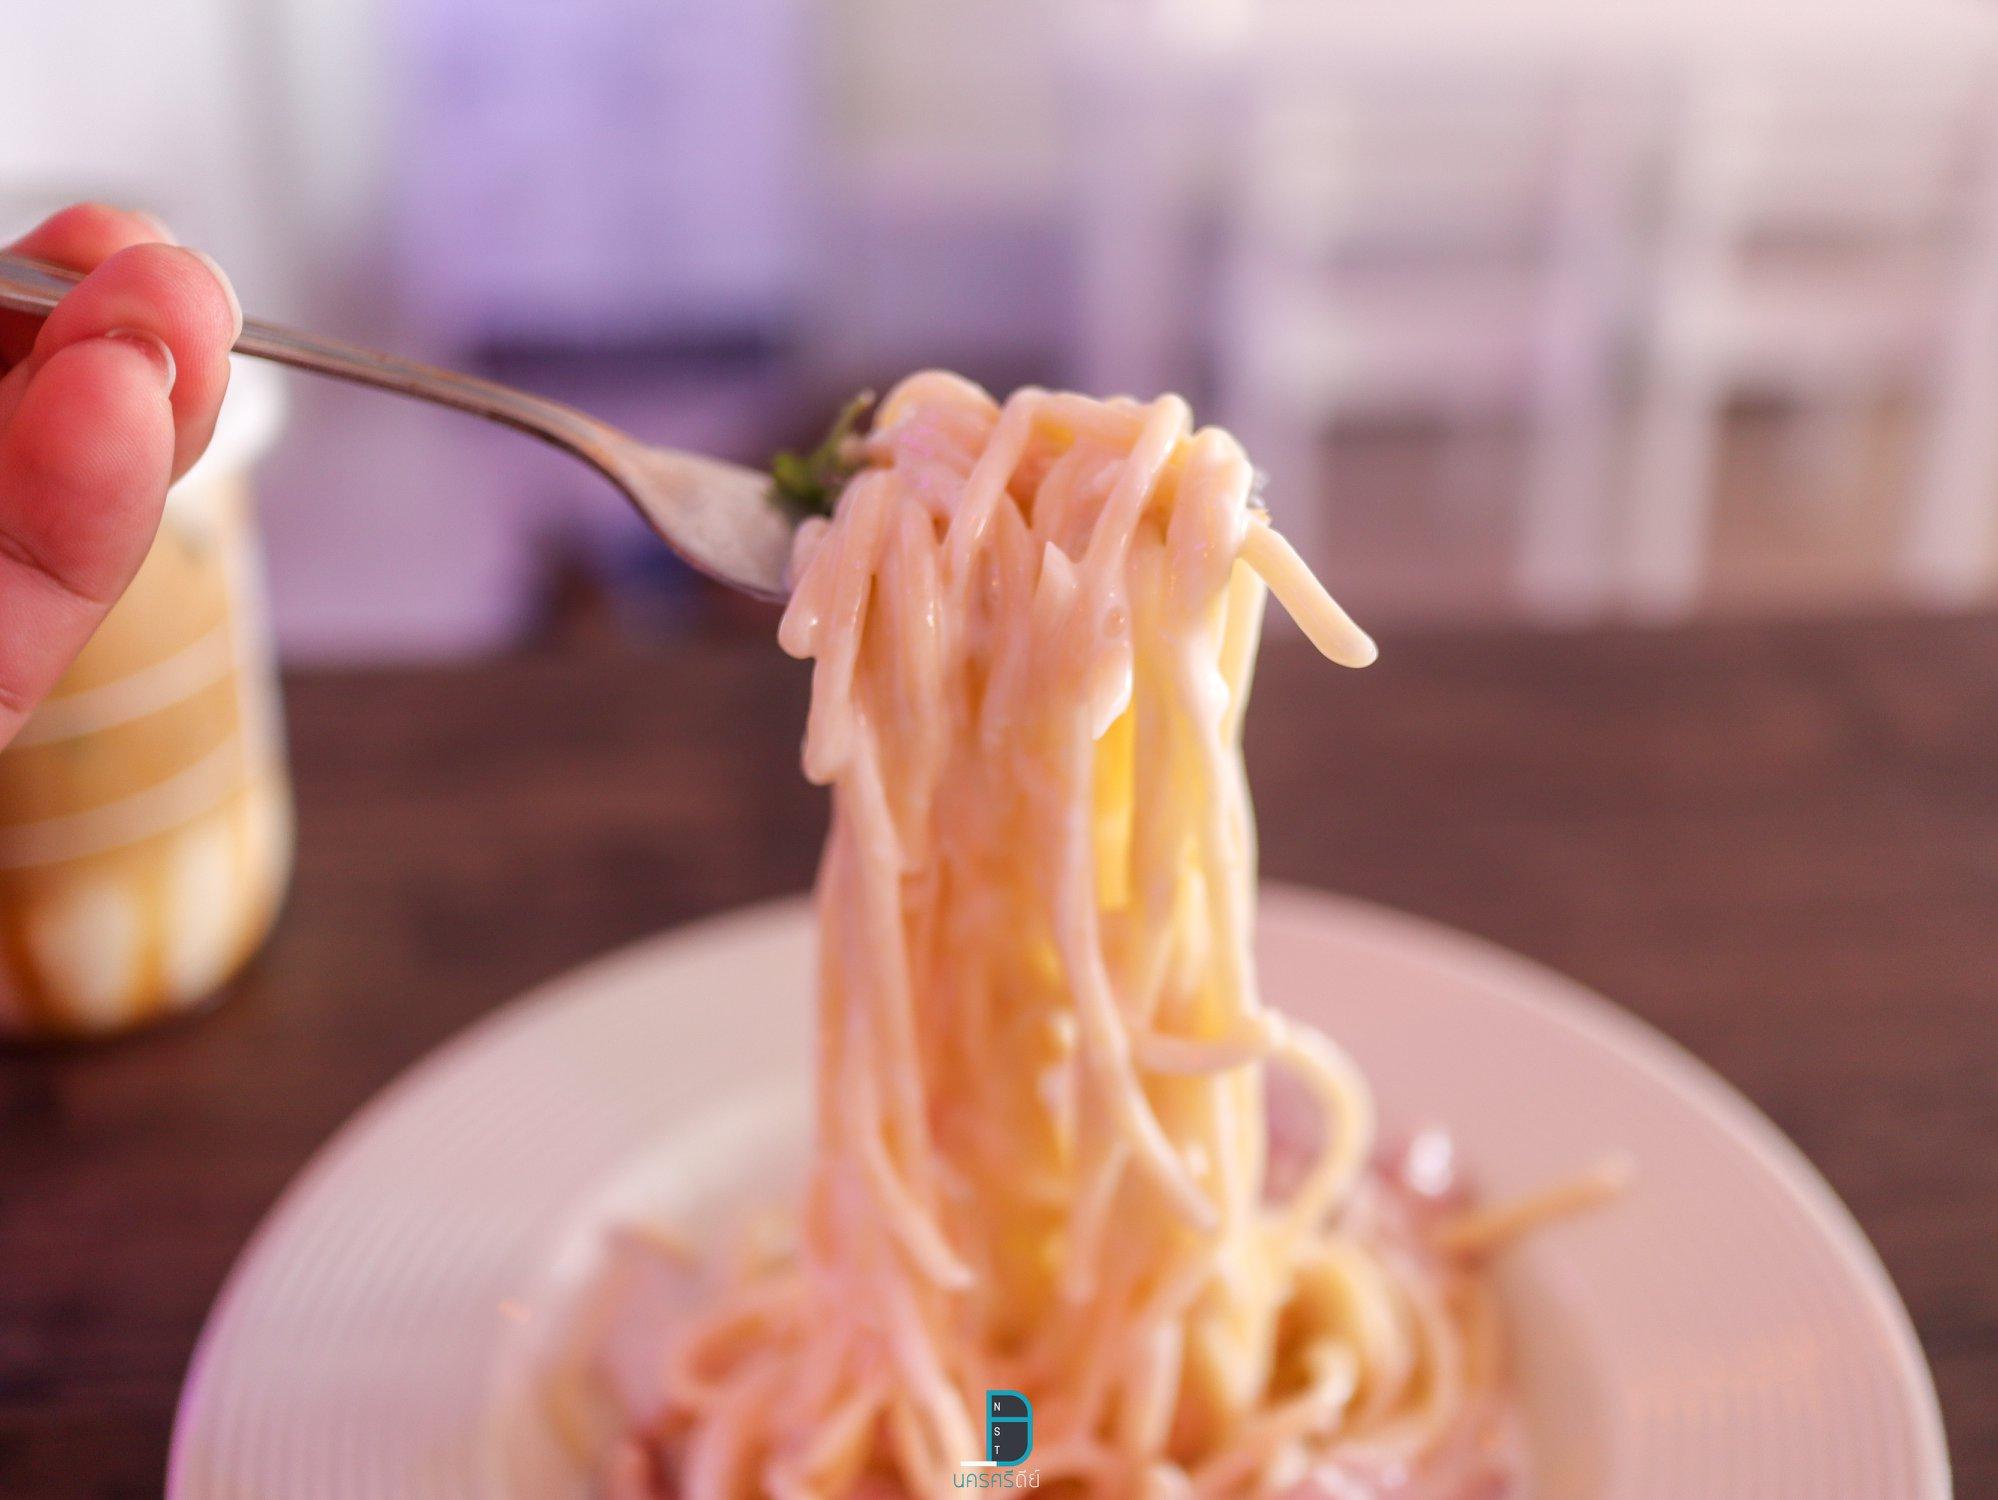 คาเฟ่ไฟนีออนสีชมพูสวยๆ นครศรีธรรมราช 2Sweet Cafe at สะพานยาว  นครศรีดีย์